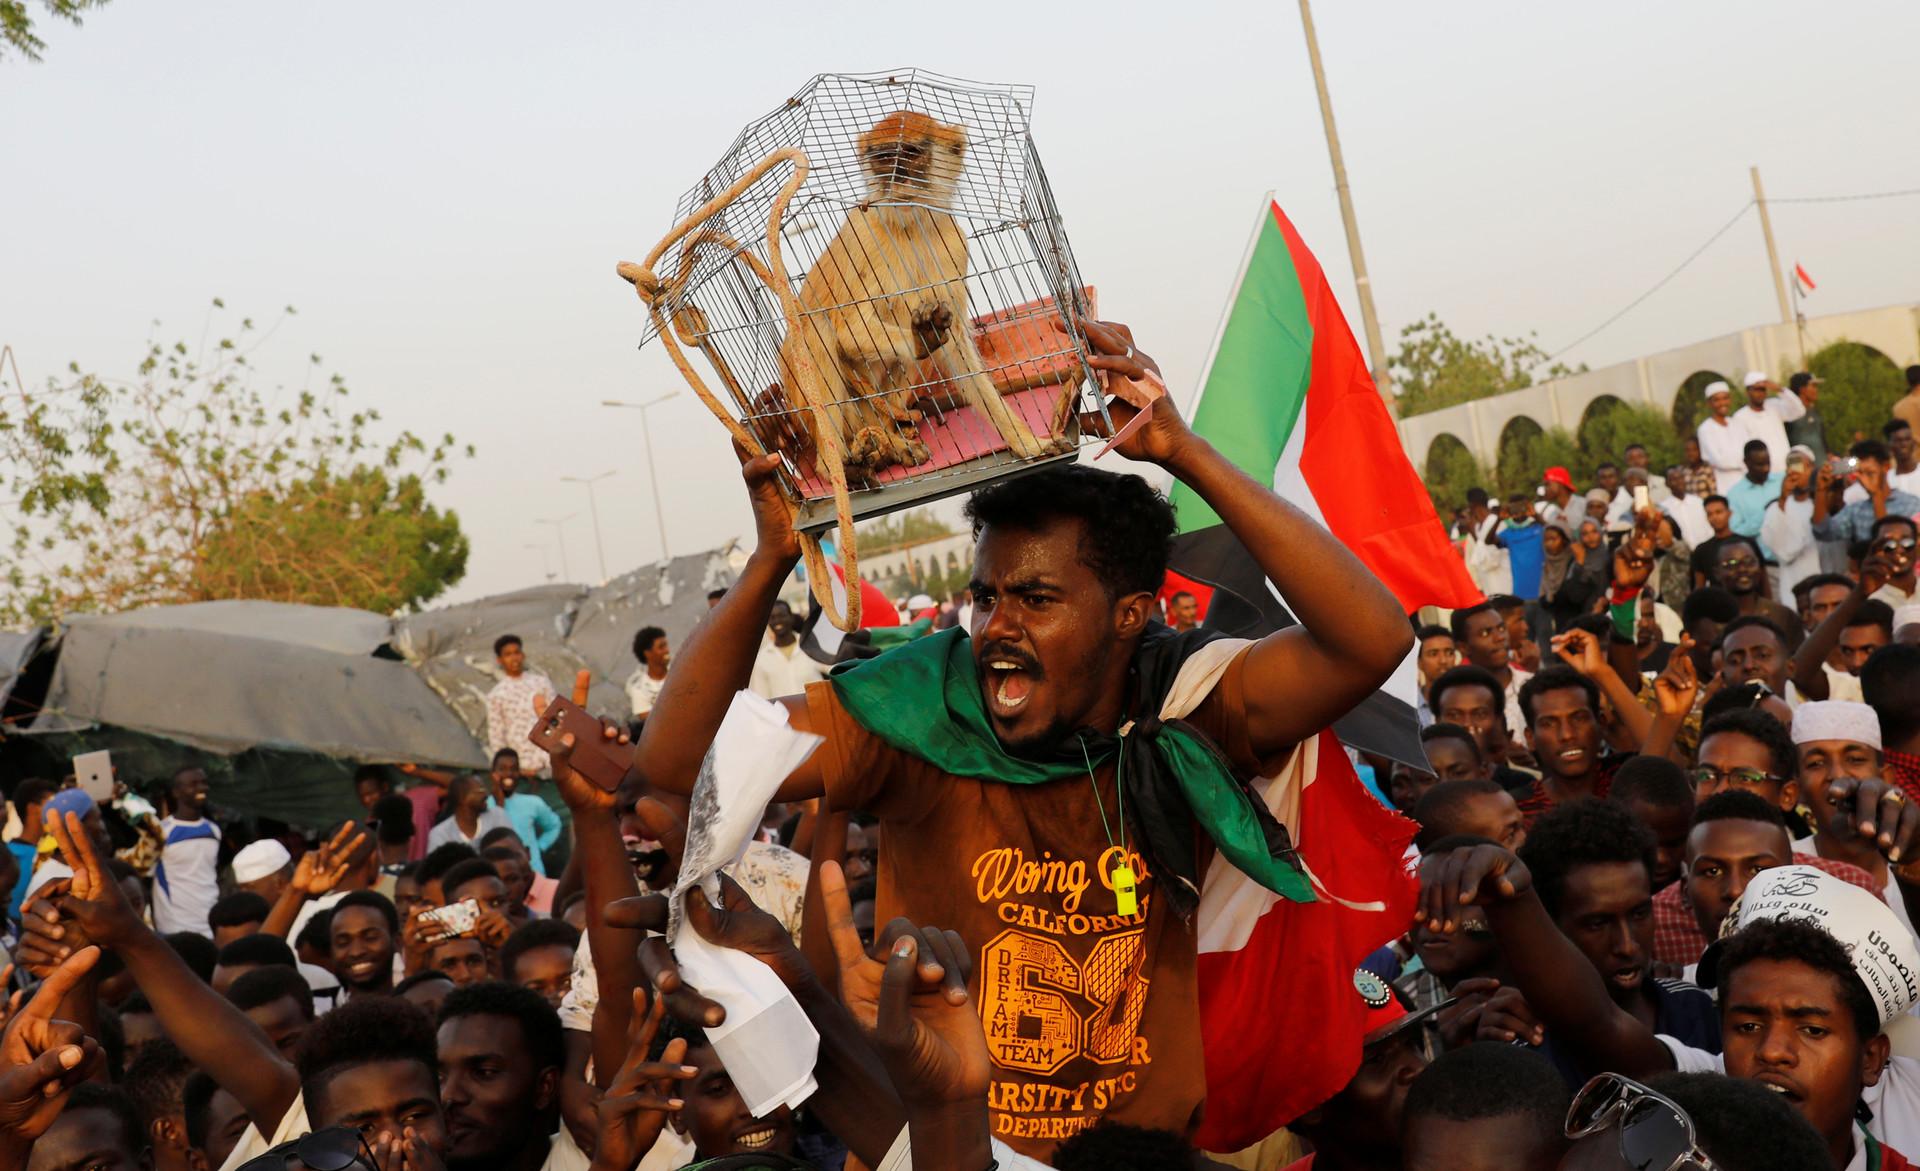 Intereses, injerencias y golpe militar: ¿Ha habido una revolución en Sudán?